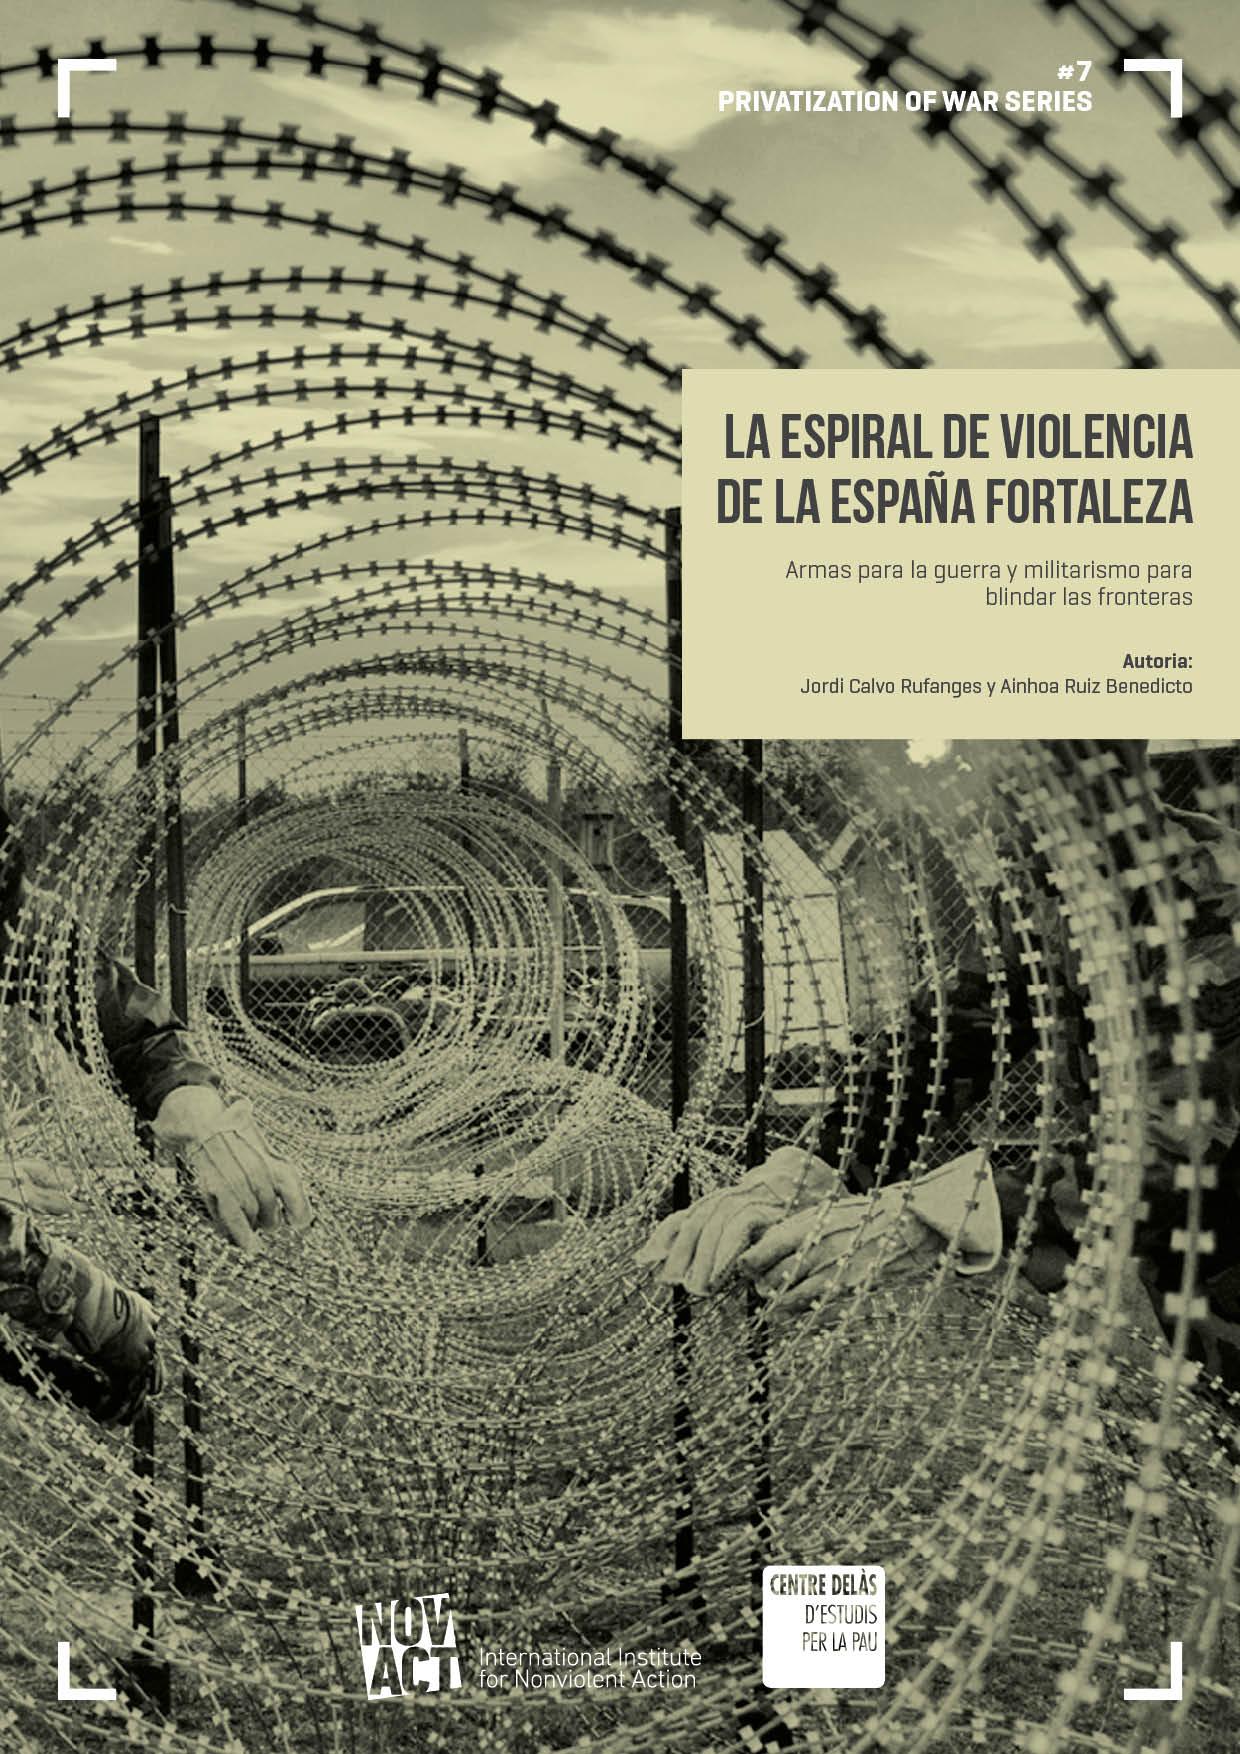 L'espiral de violència de l'Espanya Fortalesa